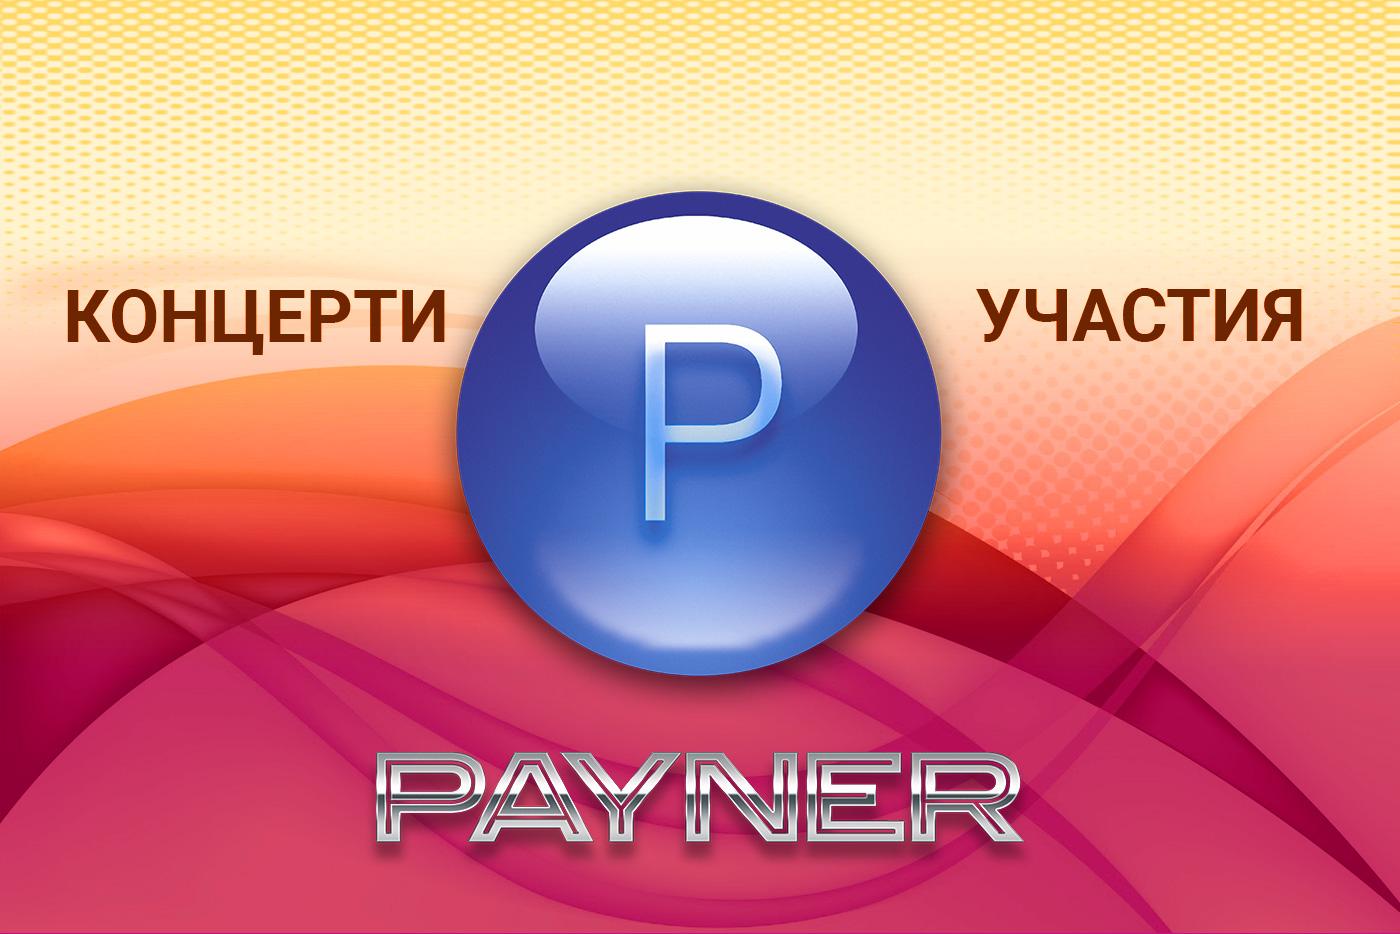 """Участия на звездите на """"Пайнер"""" на 13.04.2019"""